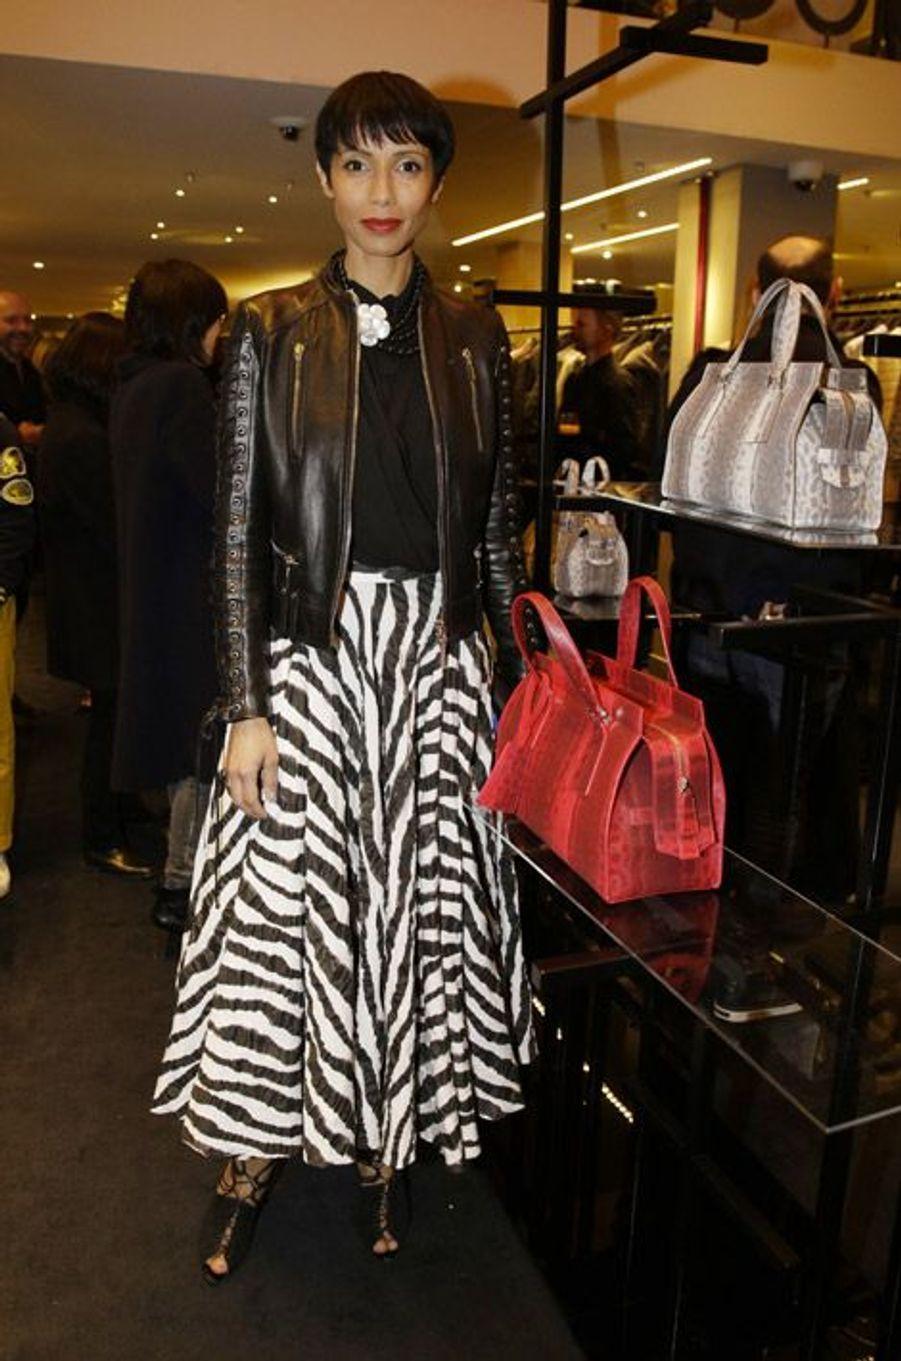 L'ex-Miss France, Sonia Rolland, à la soirée Giorgio Armani à Paris, le 5 mars 2015